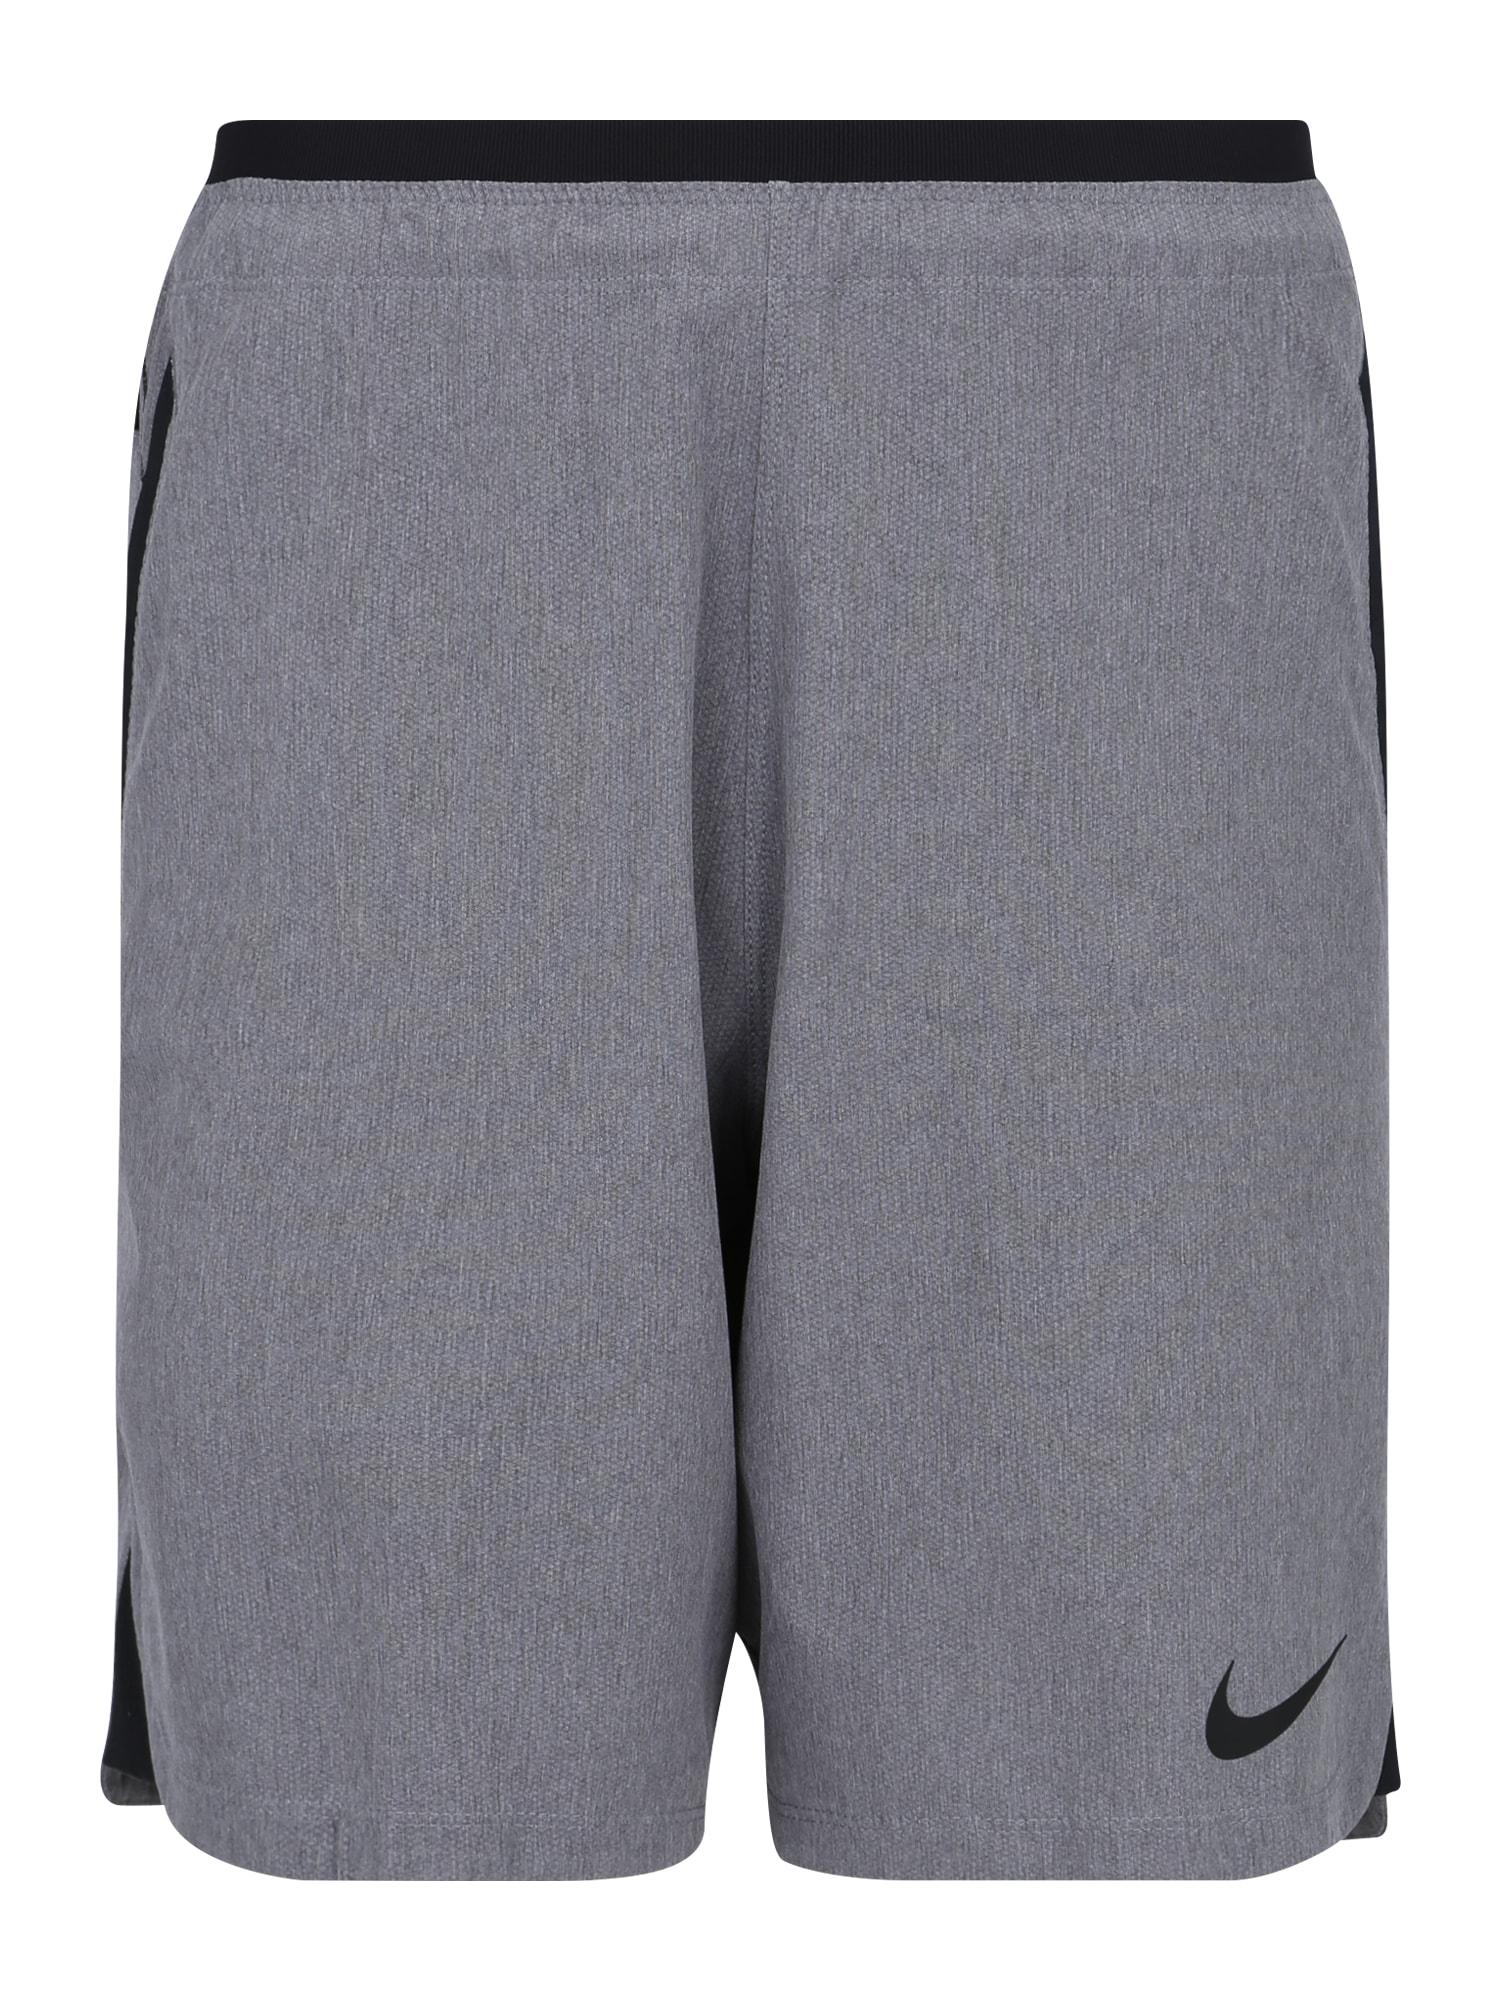 Sportovní kalhoty M NP FLEX REPEL SHORT NPC šedá NIKE